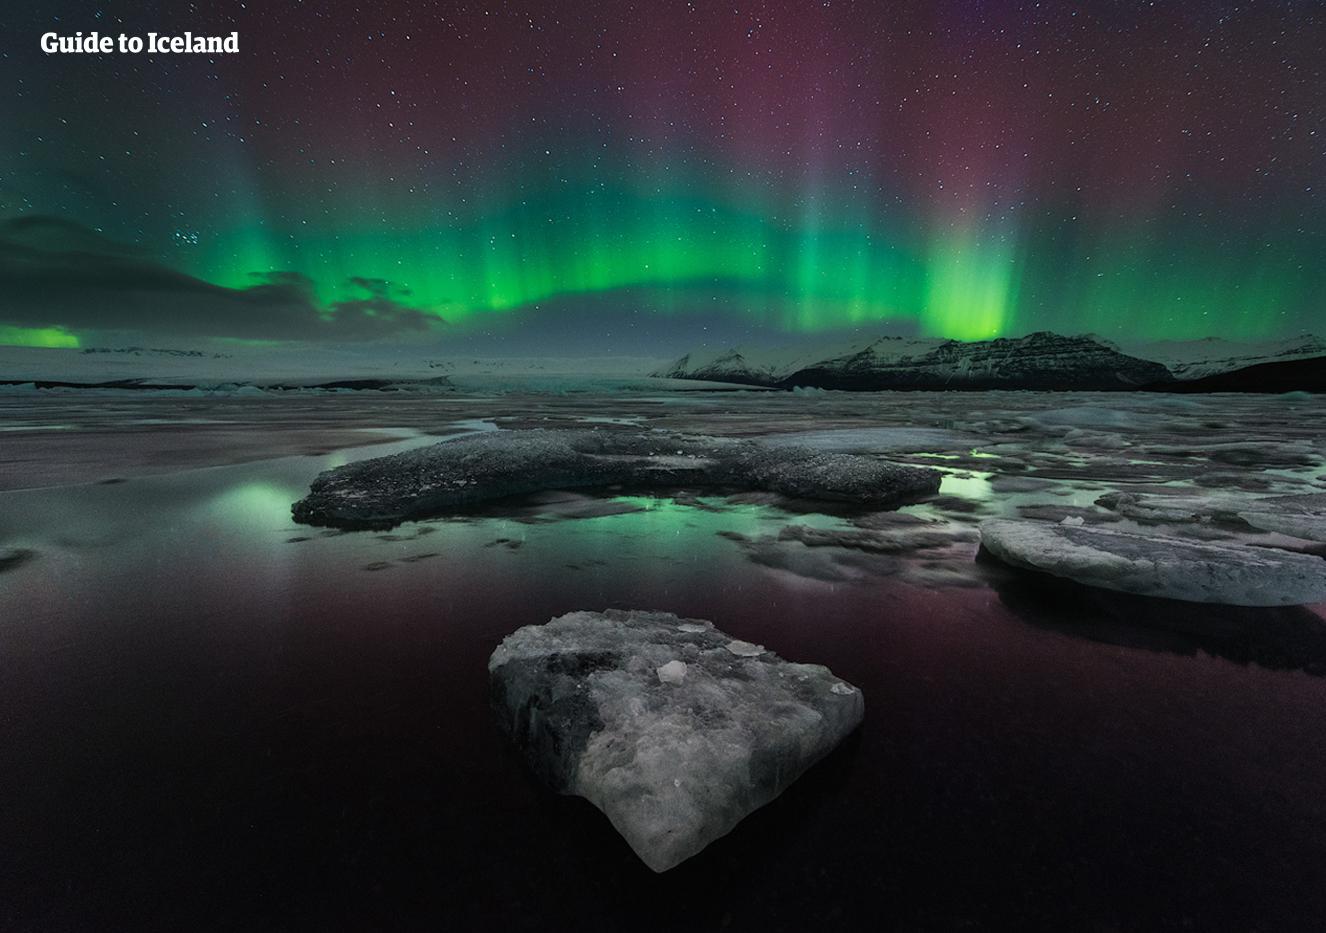 Los colores verde, rosa y morado de la aurora boreal mientras bailan sobre la laguna glaciar Jökulsárlón